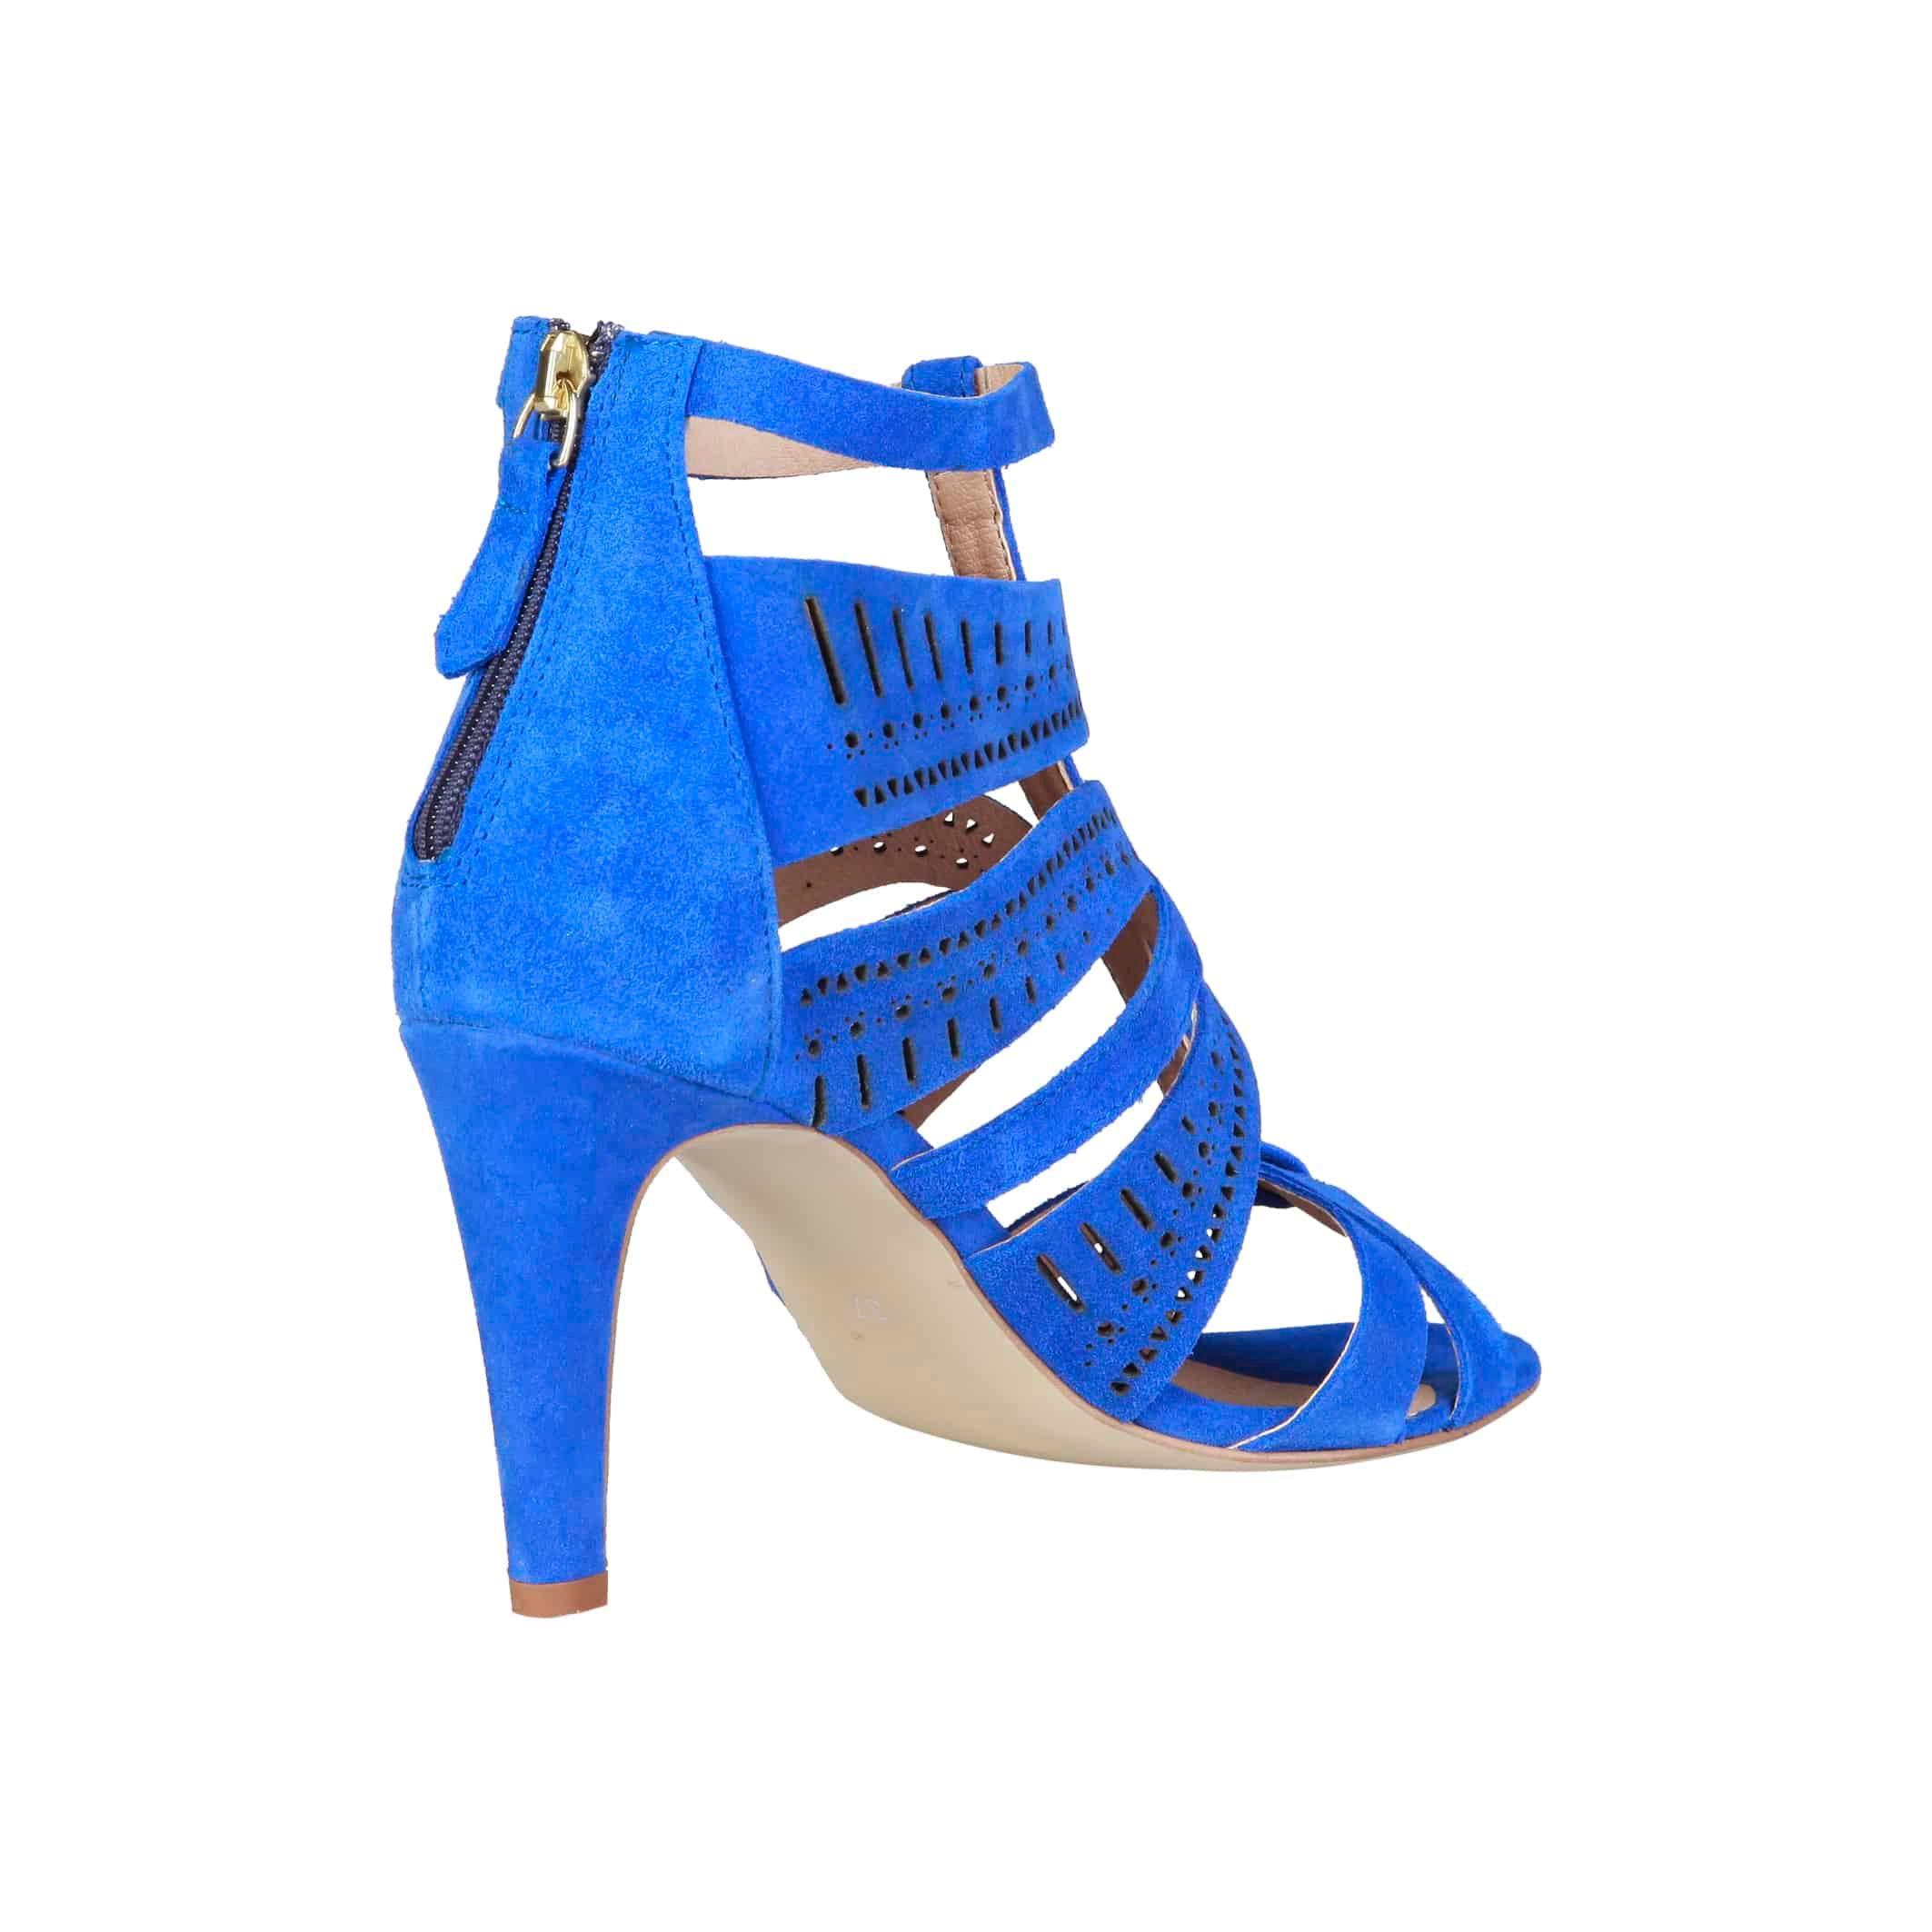 Sandalette Pierre Cardin – AXELLE